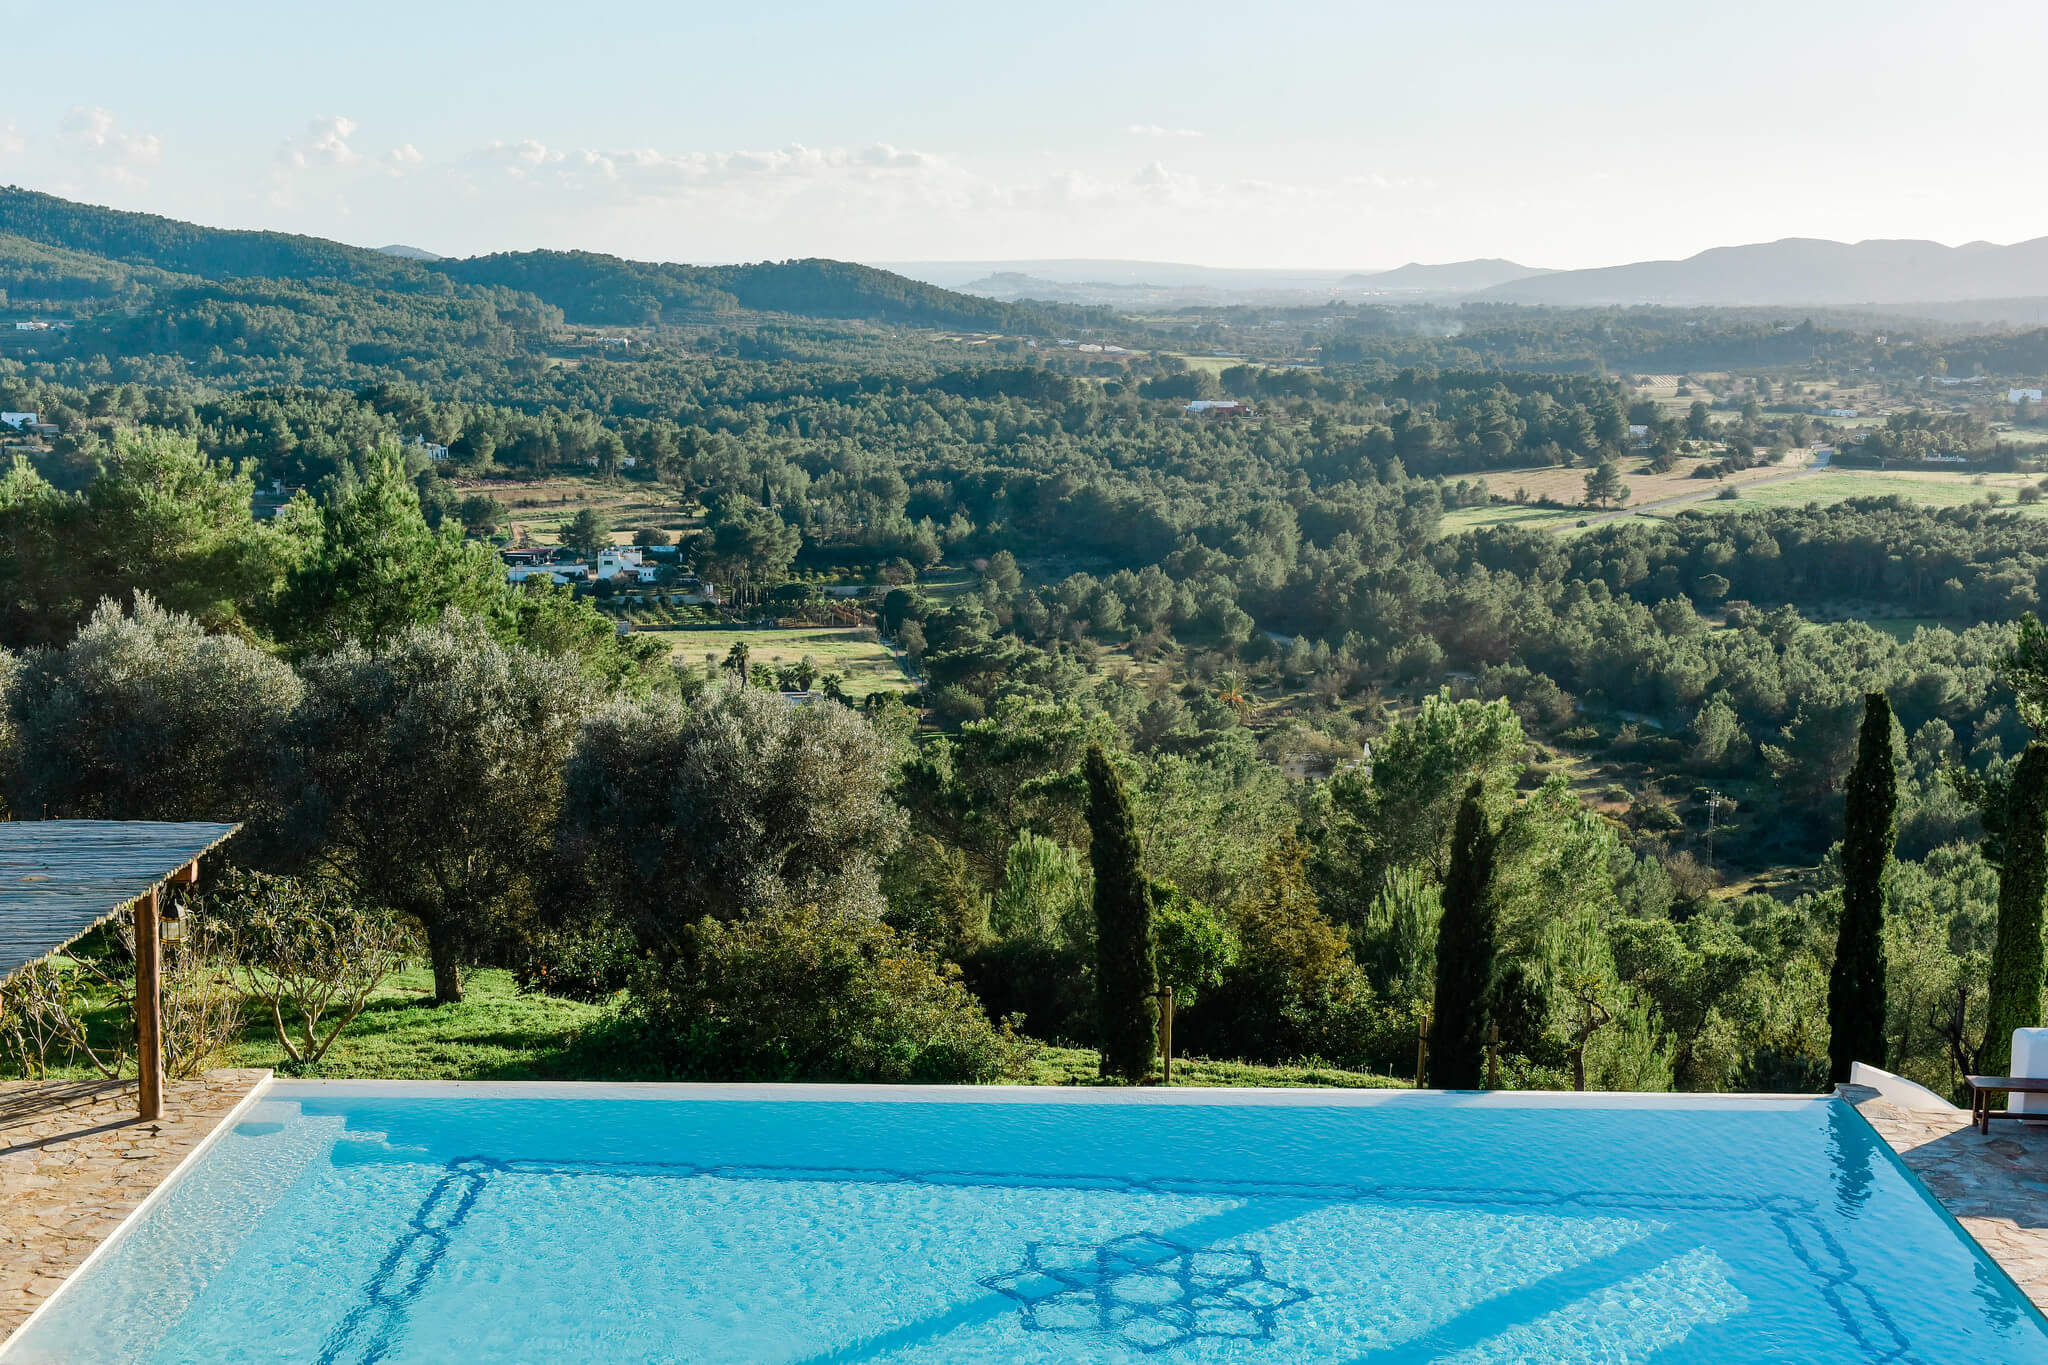 https://www.white-ibiza.com/wp-content/uploads/2020/05/white-ibiza-villas-can-lavanda-campo-views2.jpg